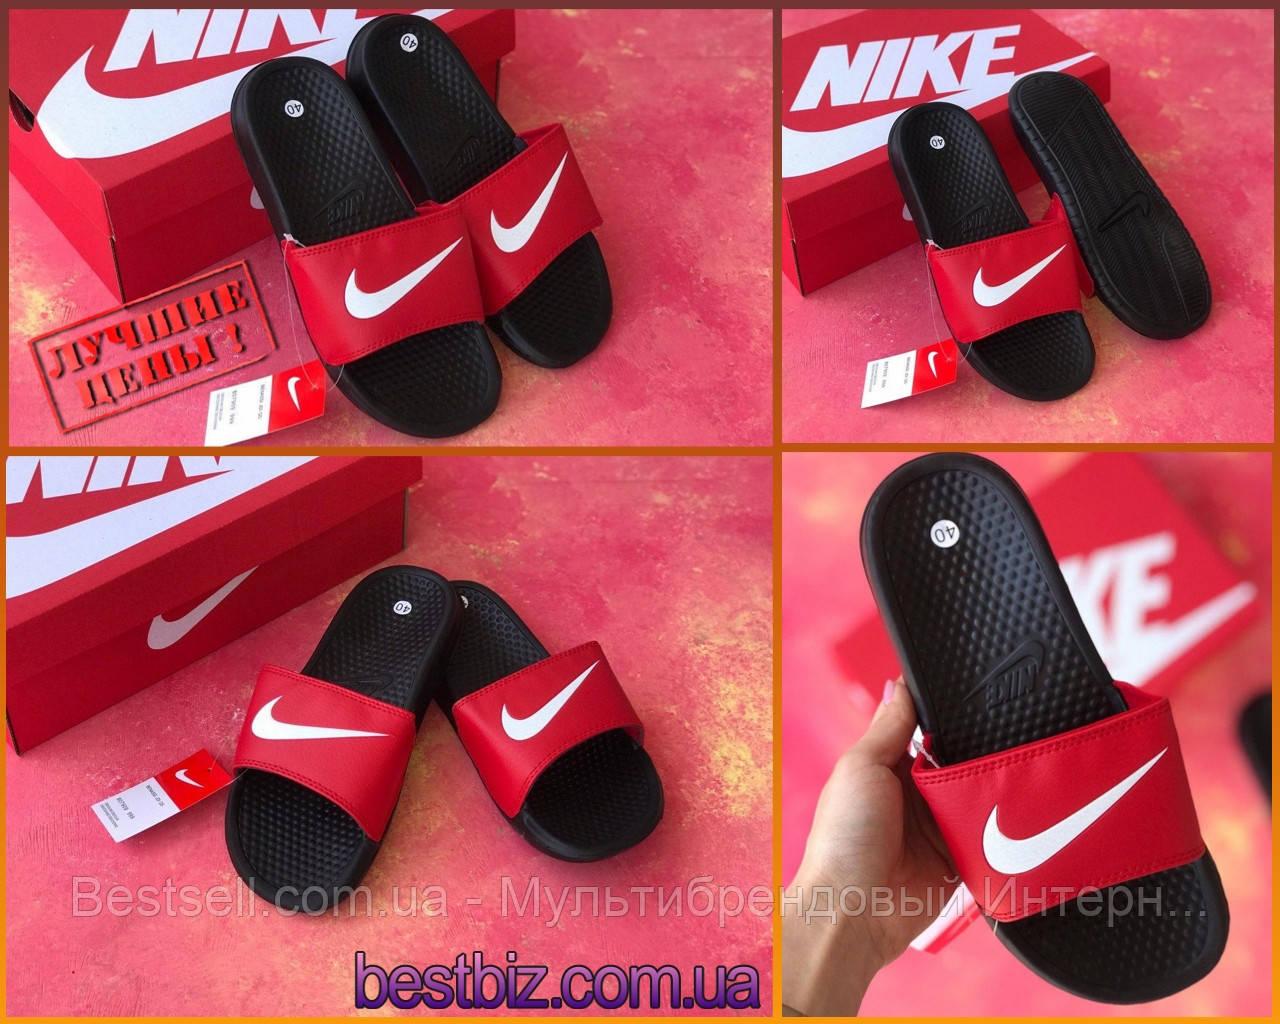 Шлепанцы мужские Nike черные с красным / Сланцы / шлепки Nike красные ( 41 последний размер )